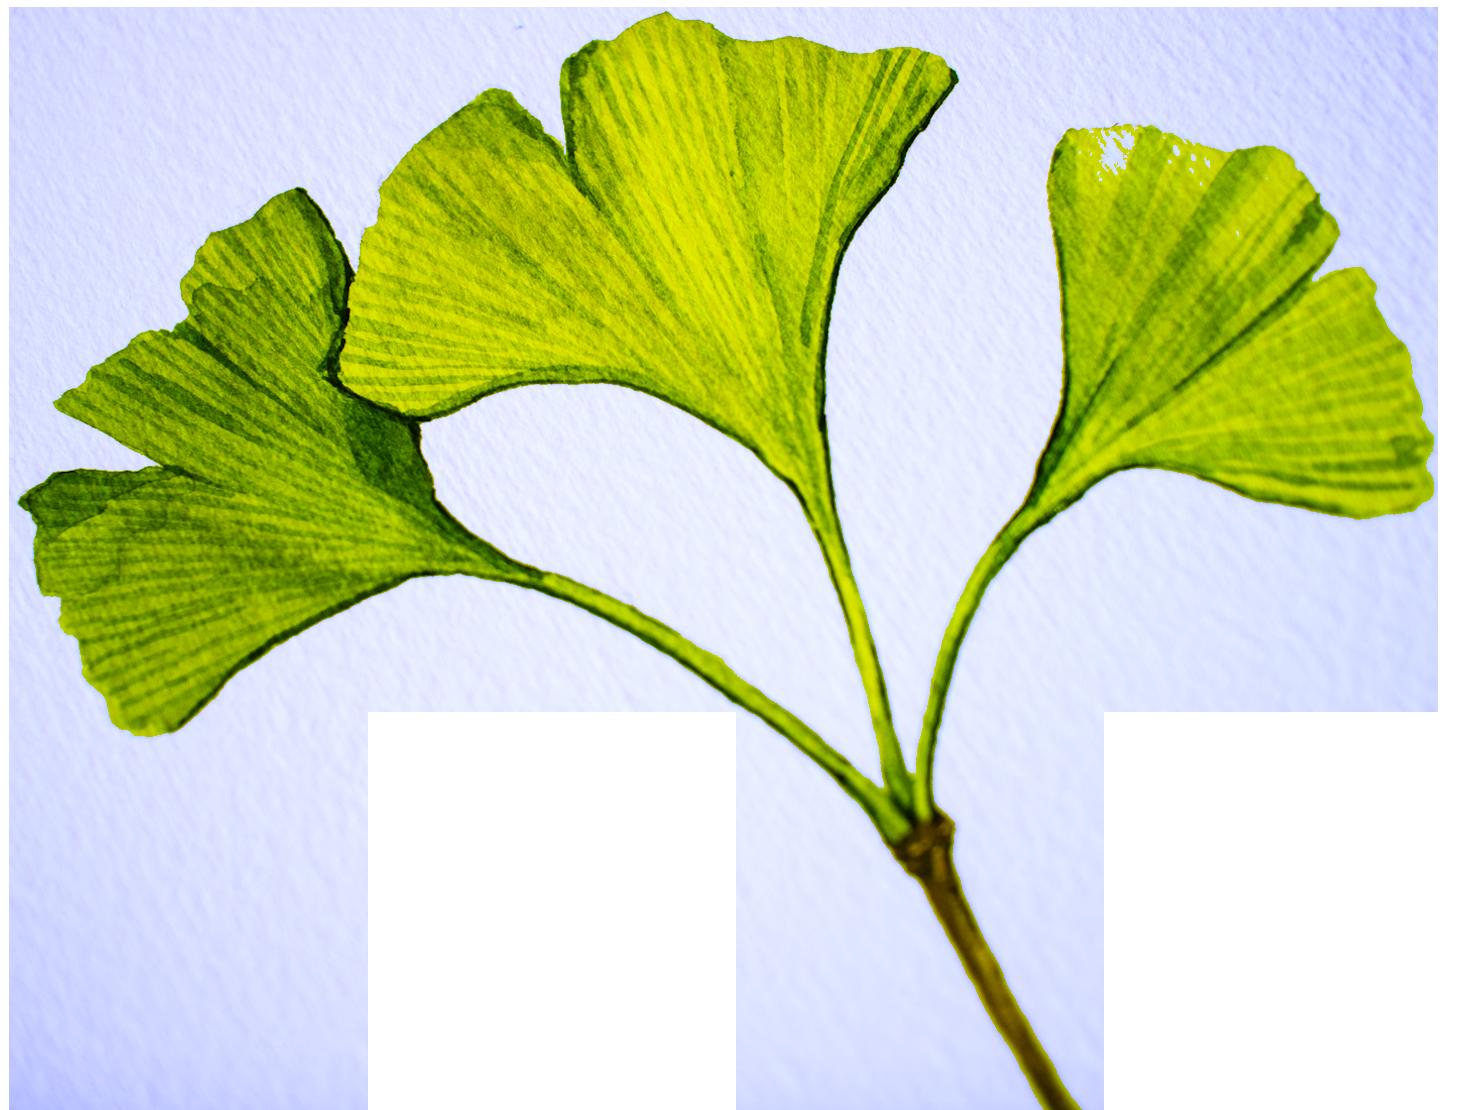 Ginkgo Biloba Best Nootropics as Earth Grown Ingredients by Earthly Biotics